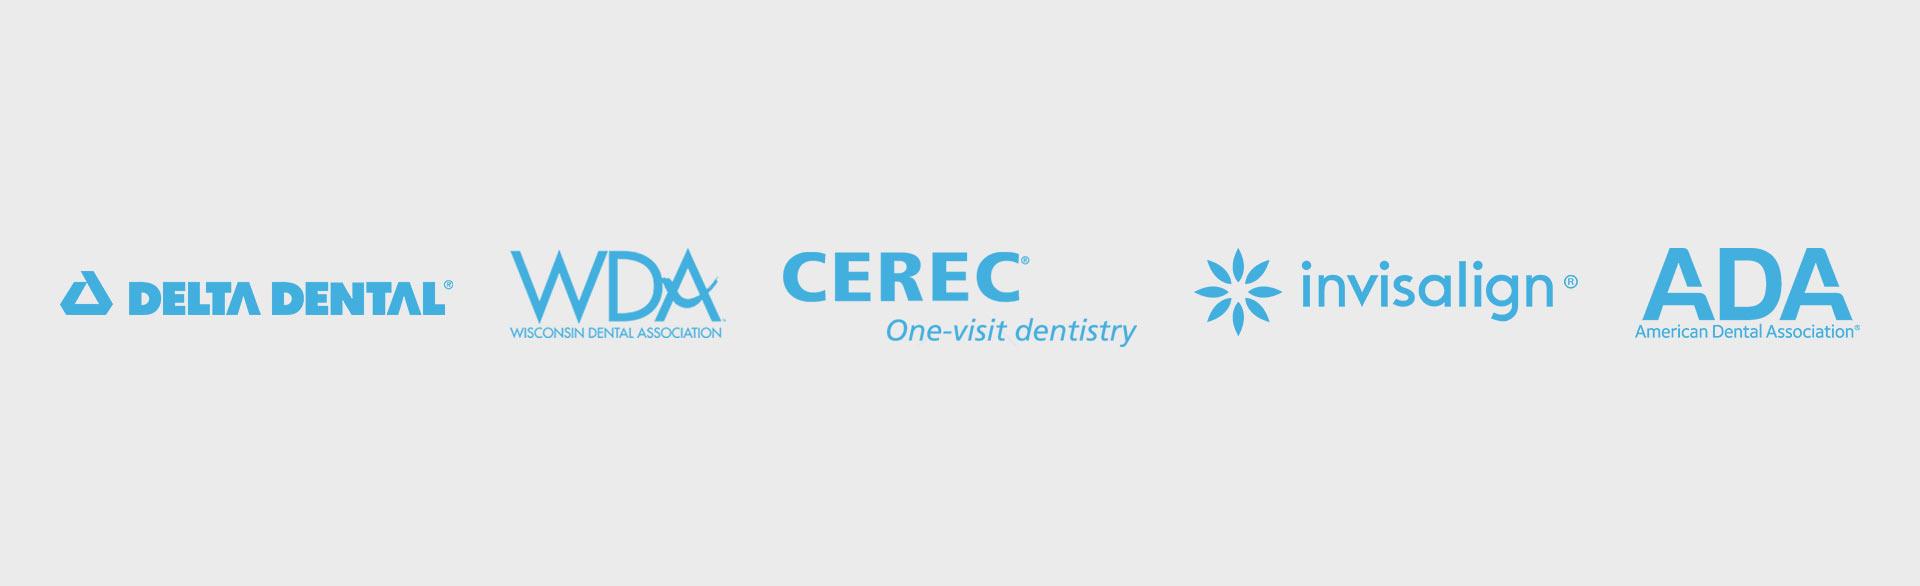 Logos of: Delta Dental, Wisconsin Dental Association, CEREC One-visit dentistry, Invisalign, American Dental Association